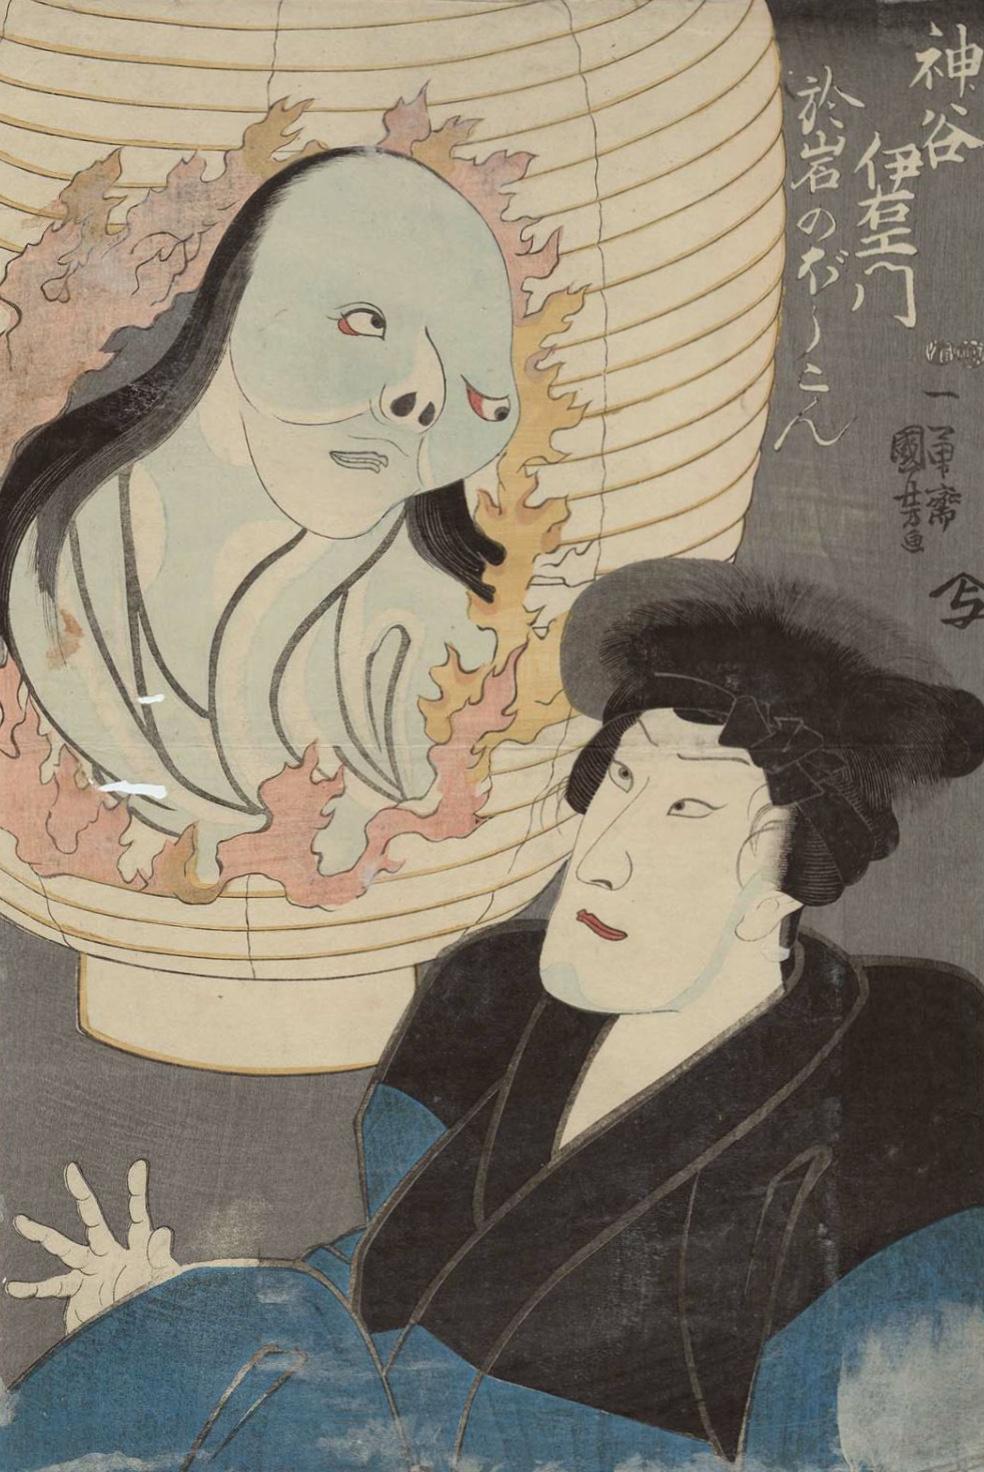 Utagawa Kuniyoshi - Kamiya Iemon; Oiwa no bokon, 1848